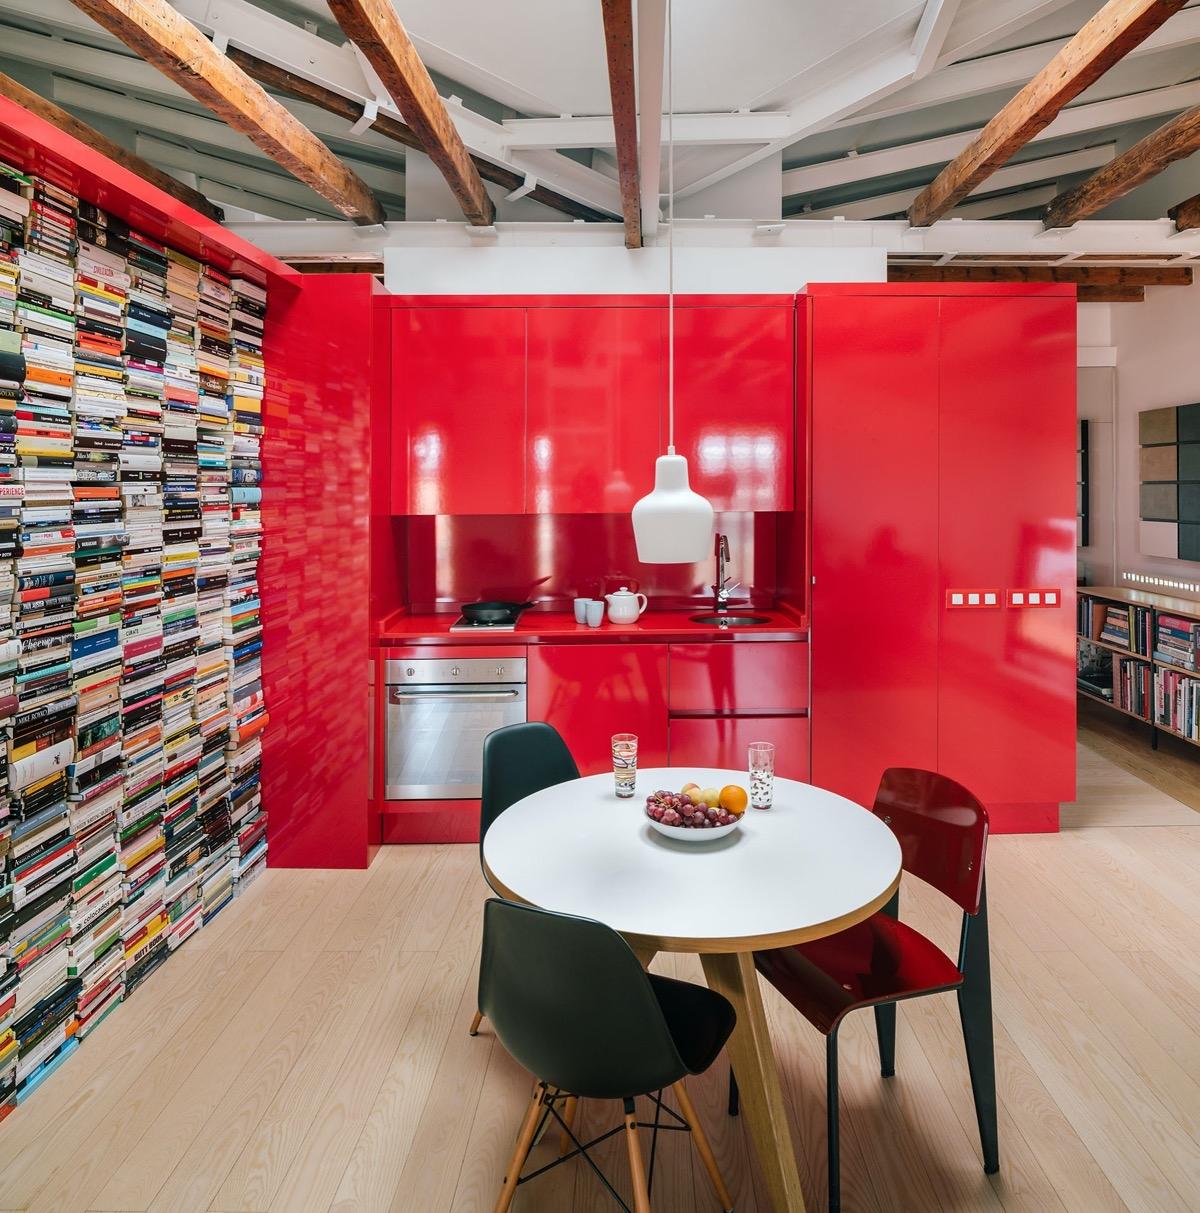 Tham khảo các thiết kế nhà bếp 'chơi trội' với màu 'nóng' - Ảnh 8